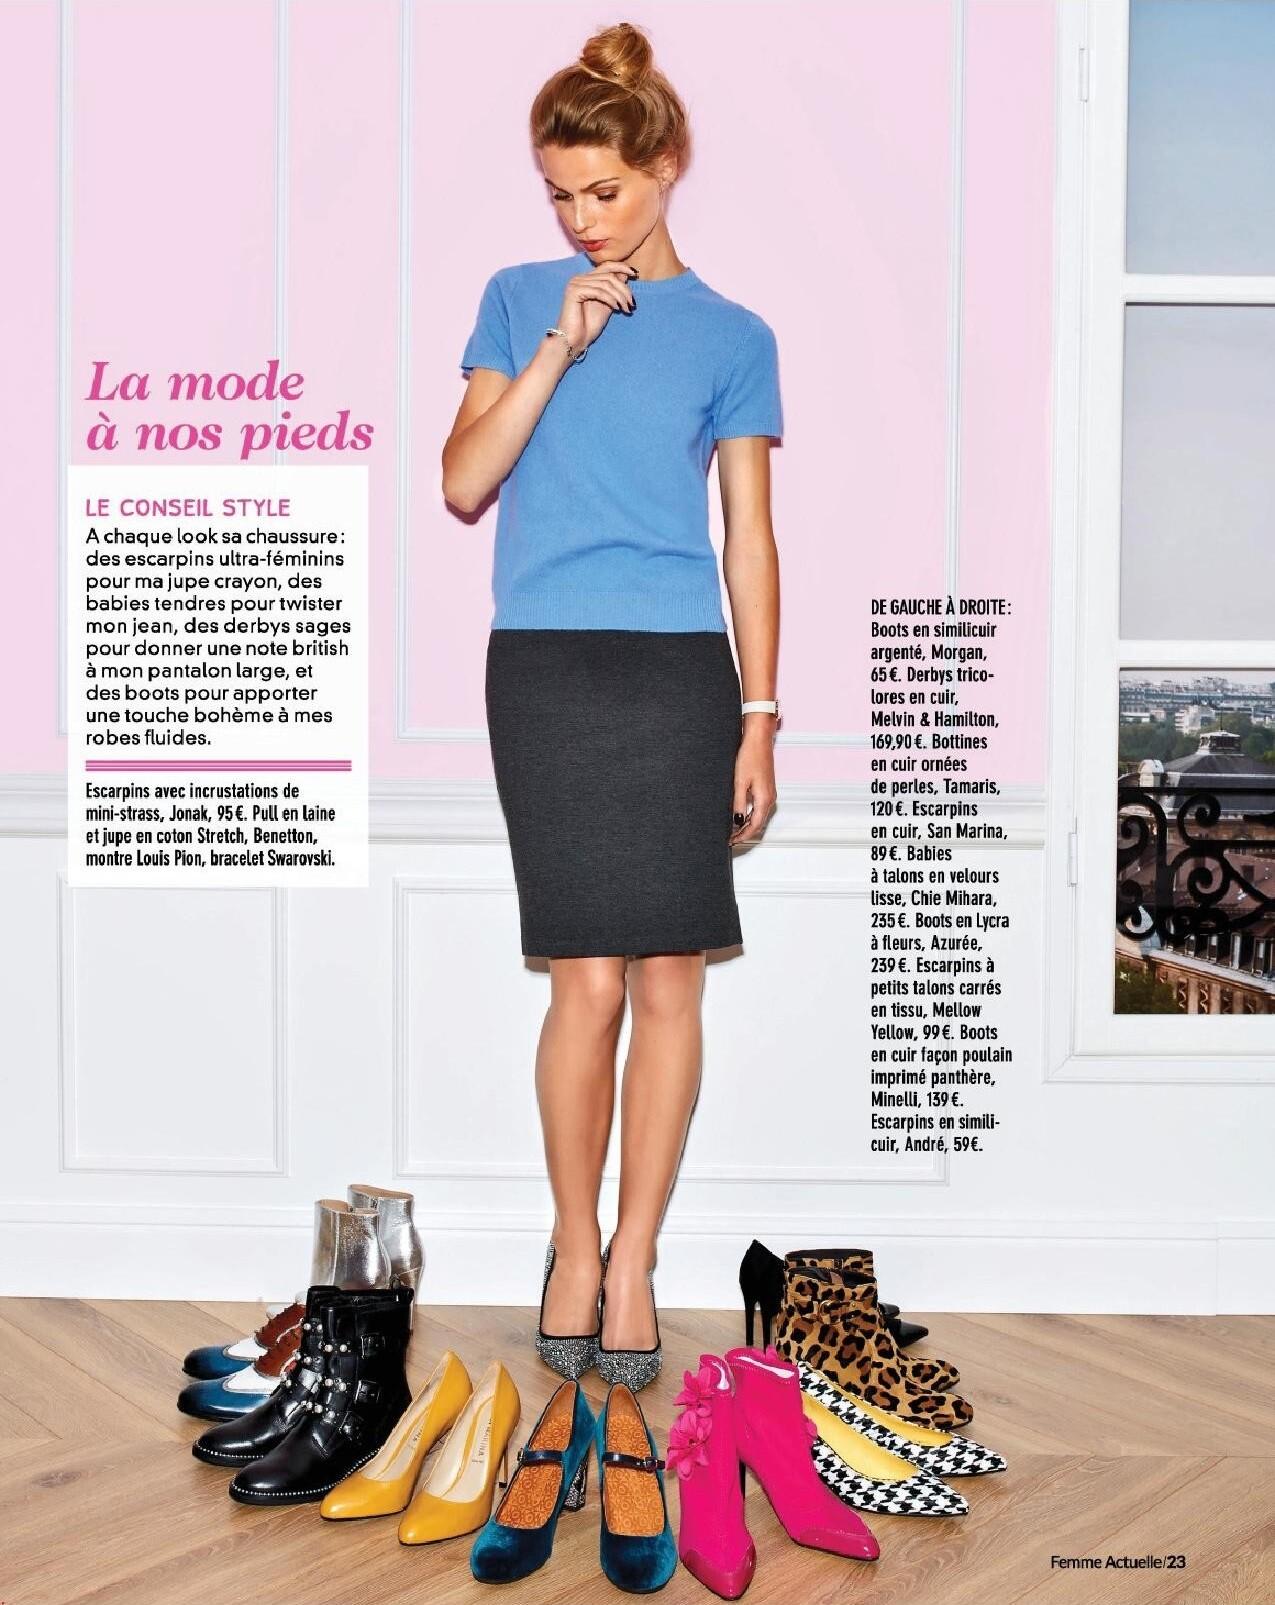 Zmvpqsu Female Bellazon Fashion Helena Models Yg6yf7b Heiselberg bYfgv76y